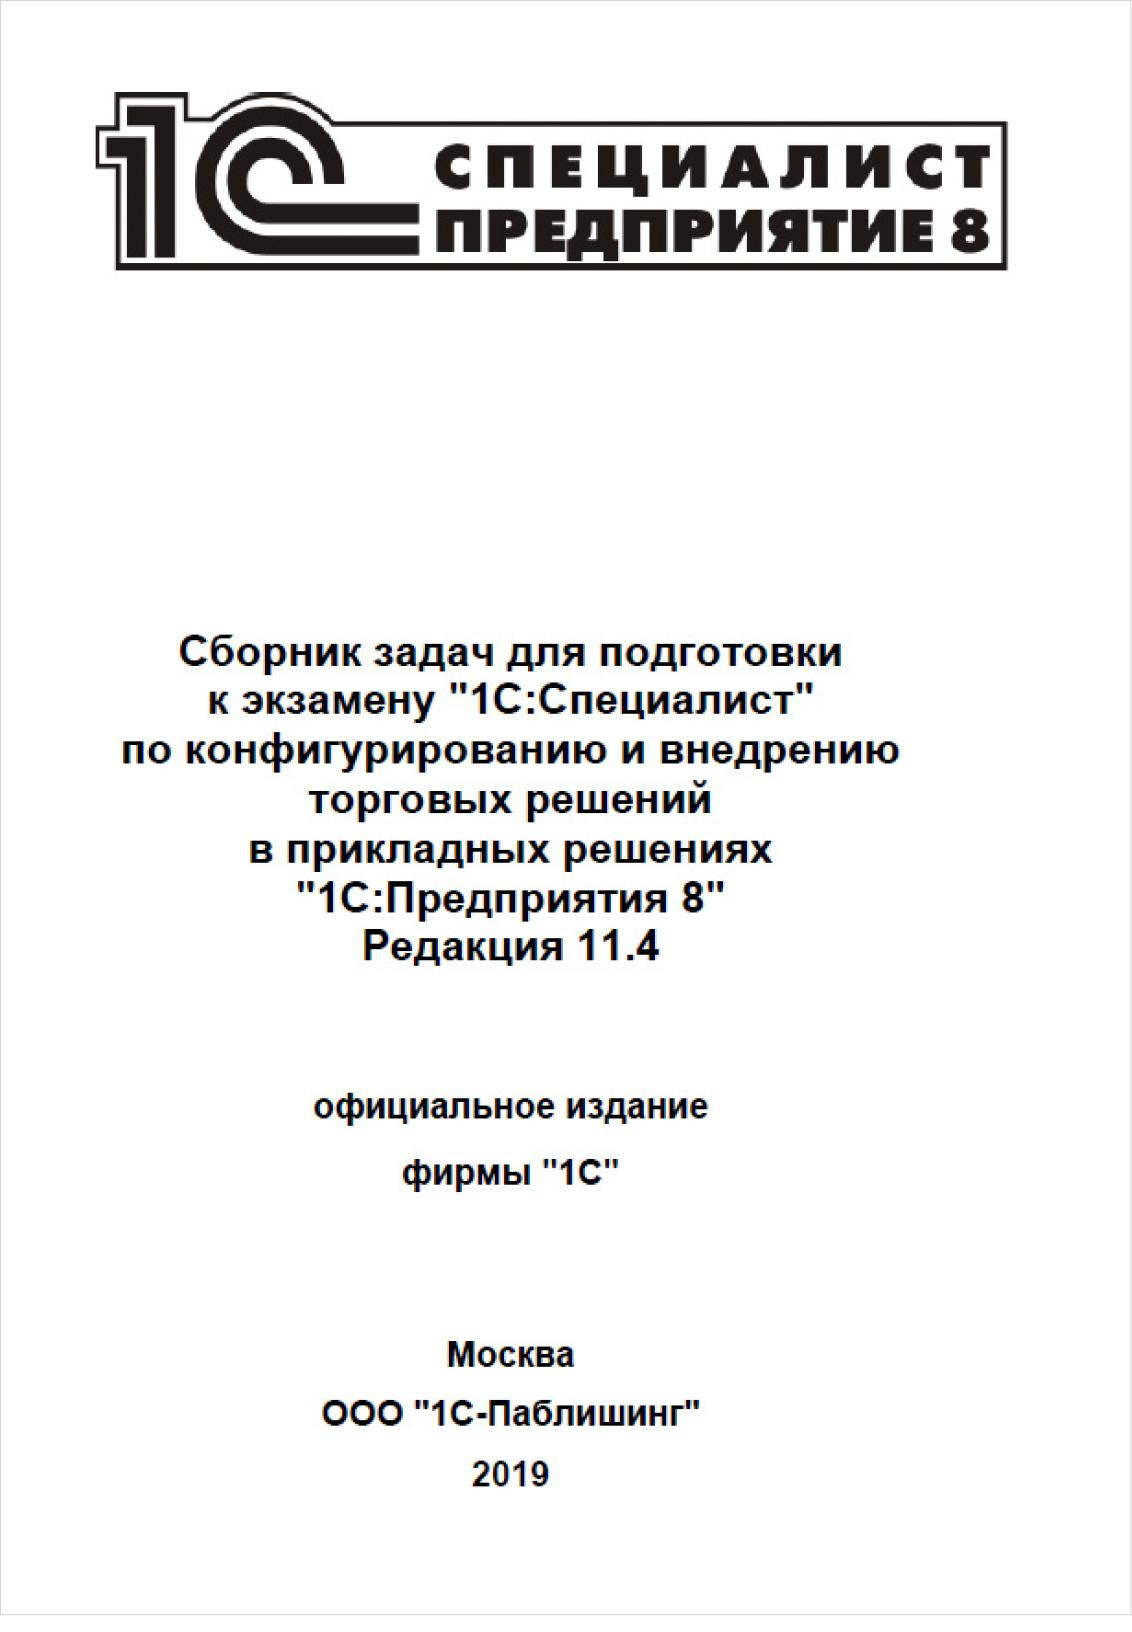 Сборник задач для подготовки к экзамену 1С:Специалист по конфигурированию и внедрению торговых решений в прикладных решениях 1С:Предприятия 8. Редакция 11.4 (цифровая версия) (Цифровая версия)